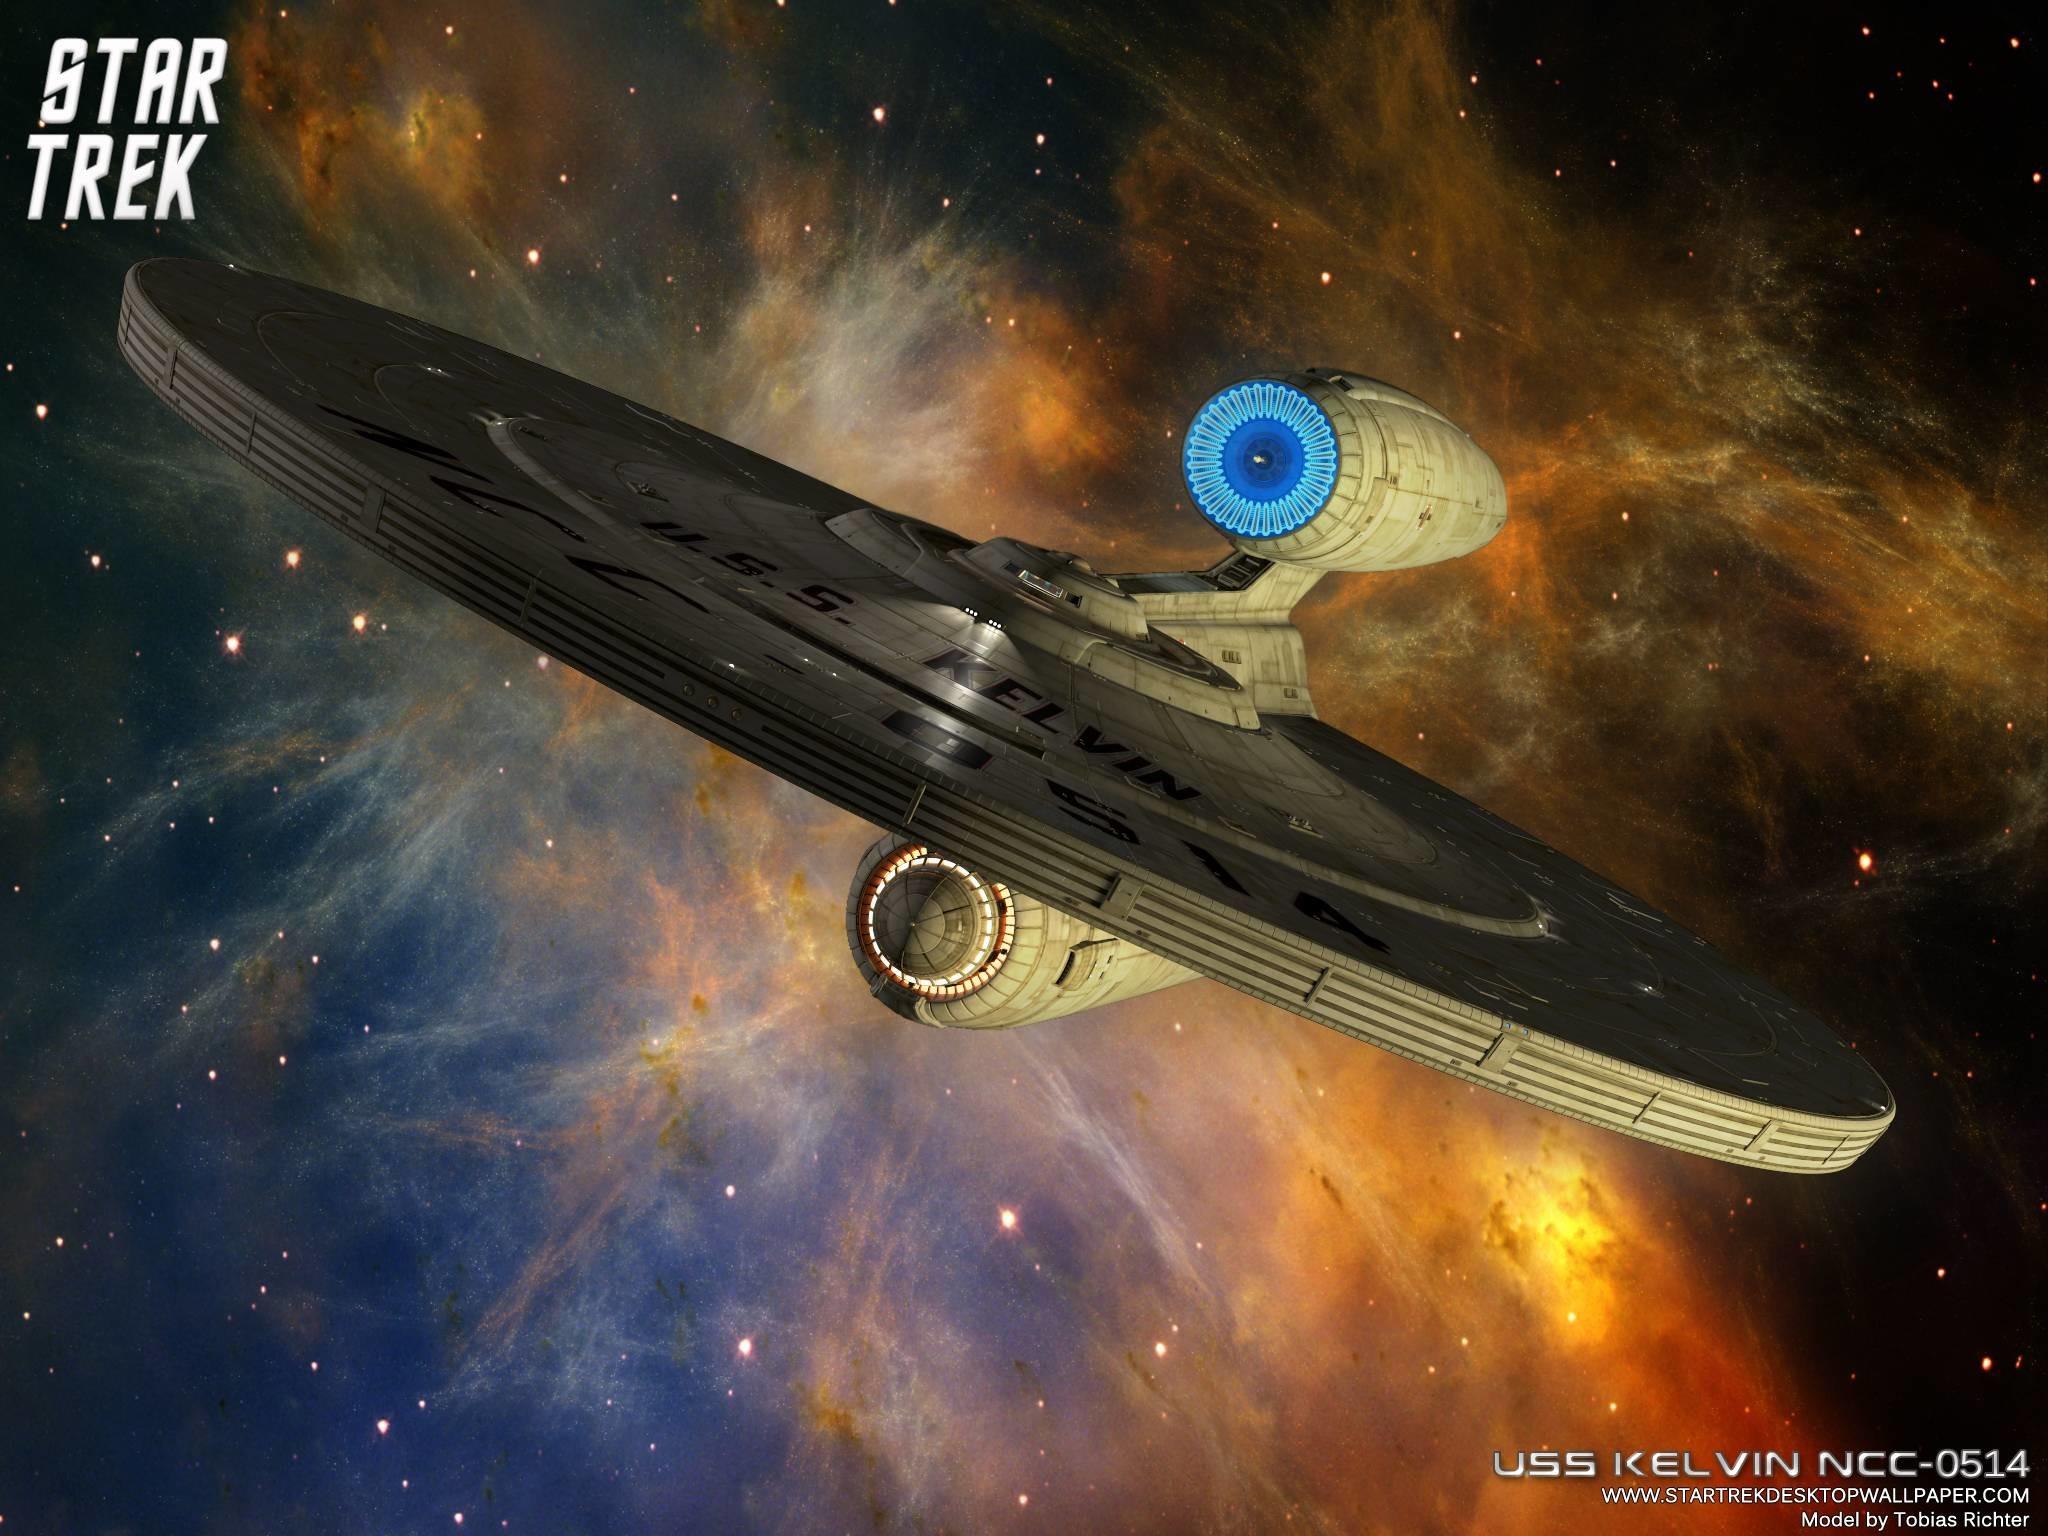 Star Trek Federation Star Ship USS Kelvin NCC 0514, free Star Trek .